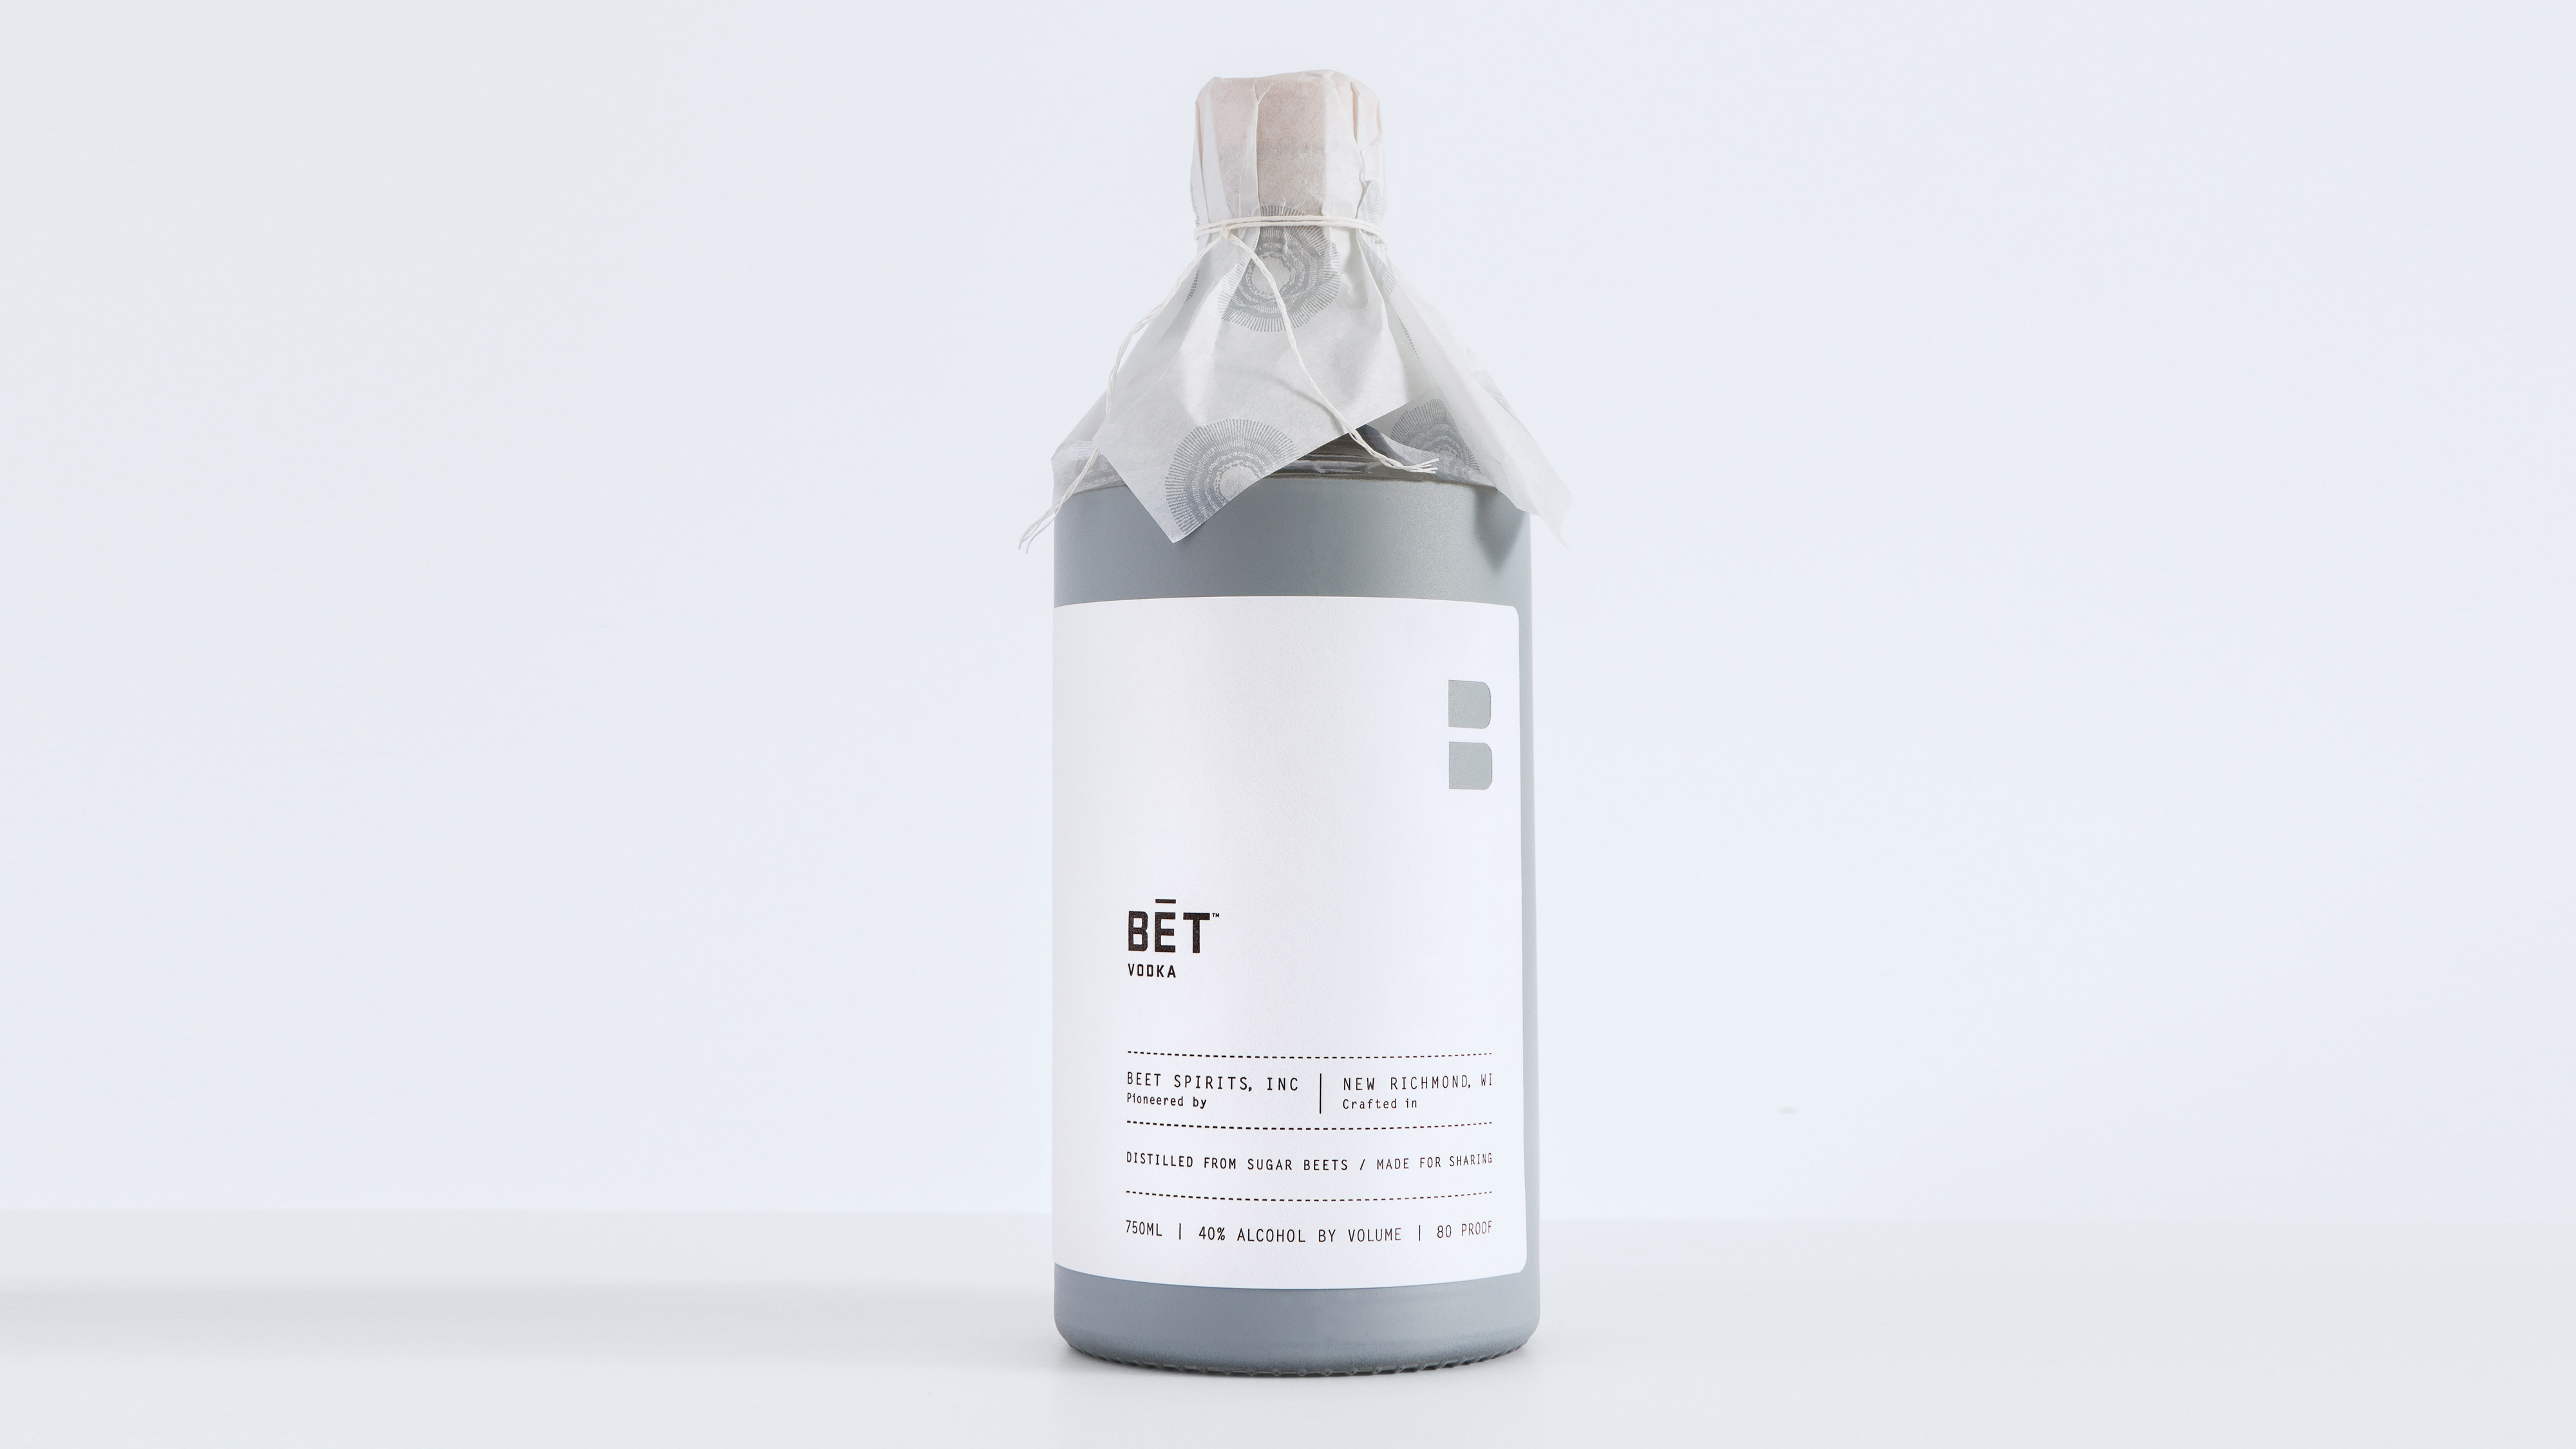 BET Vodka bottle packaging solo